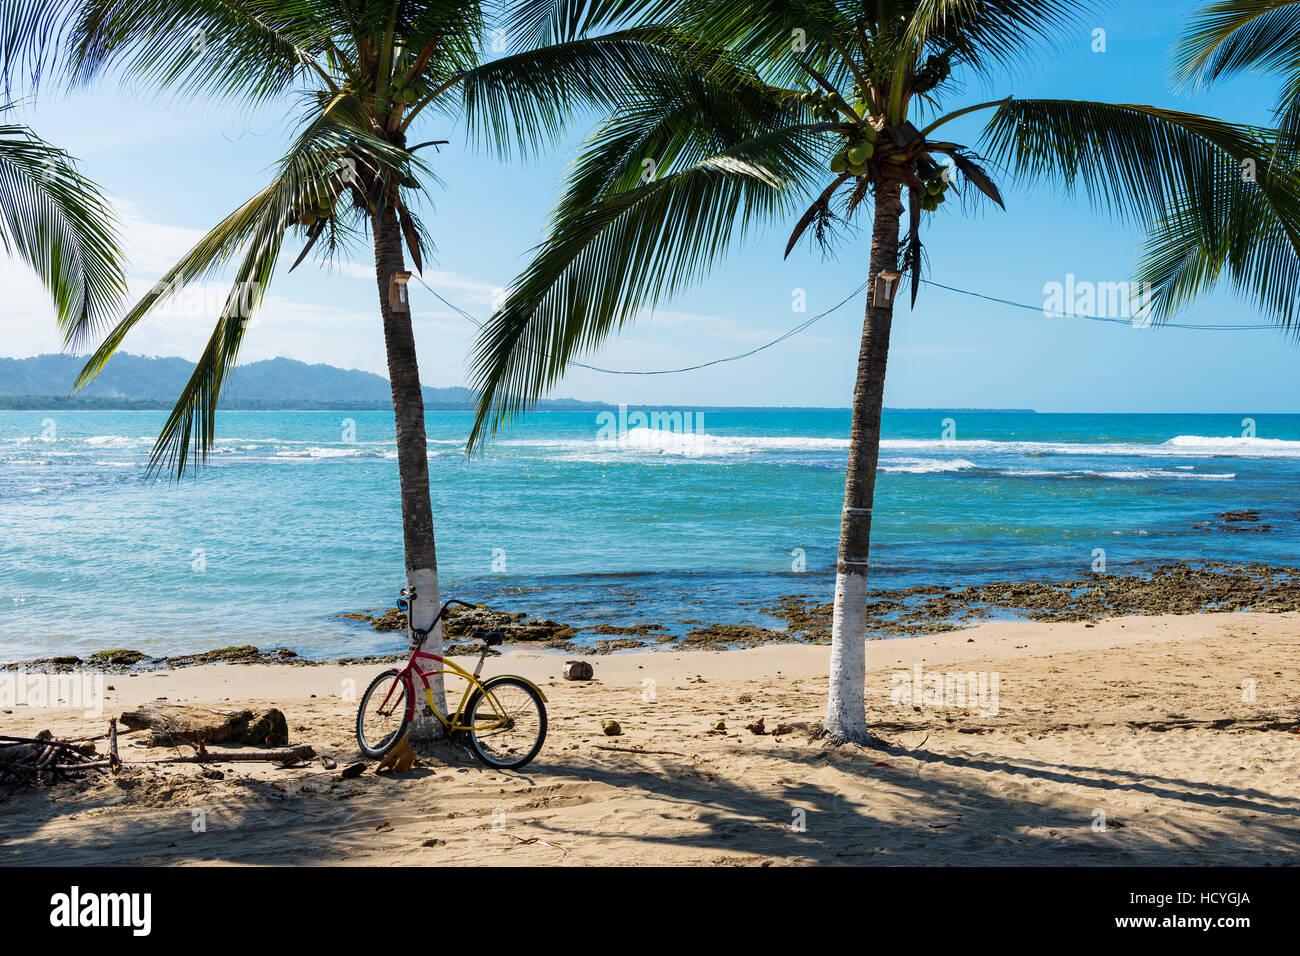 Vue d'une plage avec des palmiers à Puerto Viejo de Talamanca, Costa Rica, Amérique Centrale Photo Stock